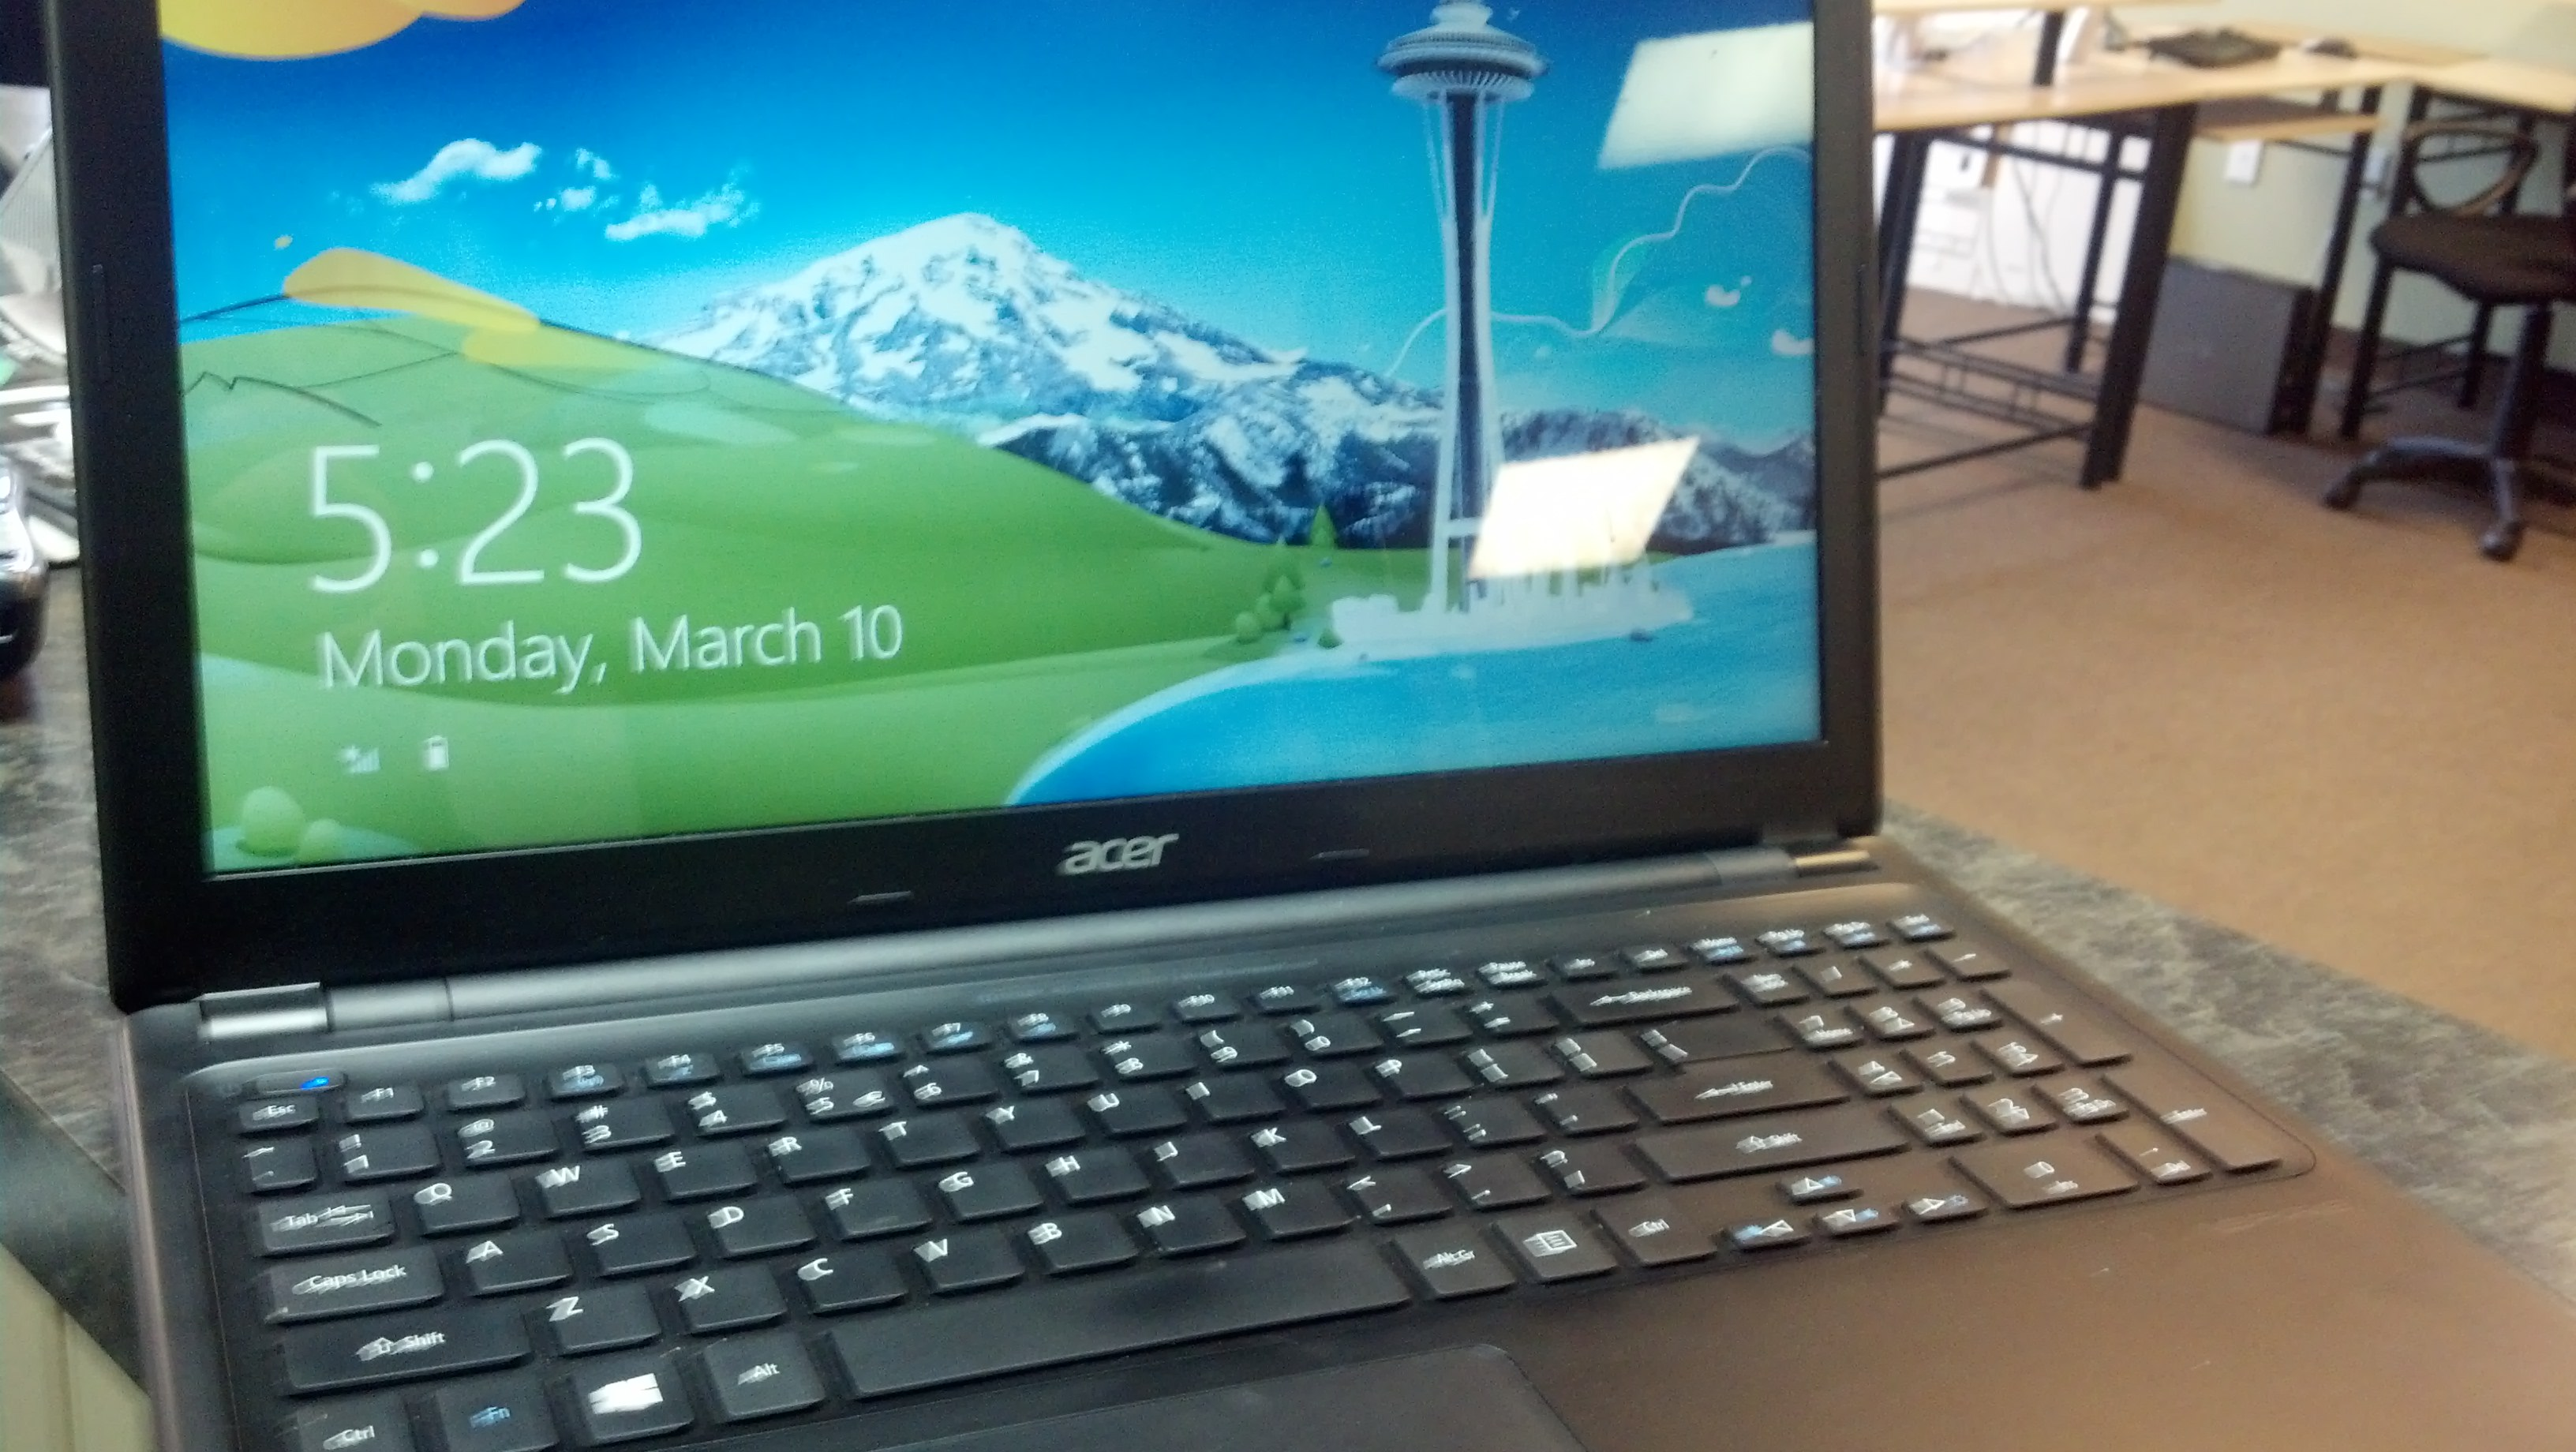 Acer V5 No Boot & Black Screen Windows 8 - Logistics